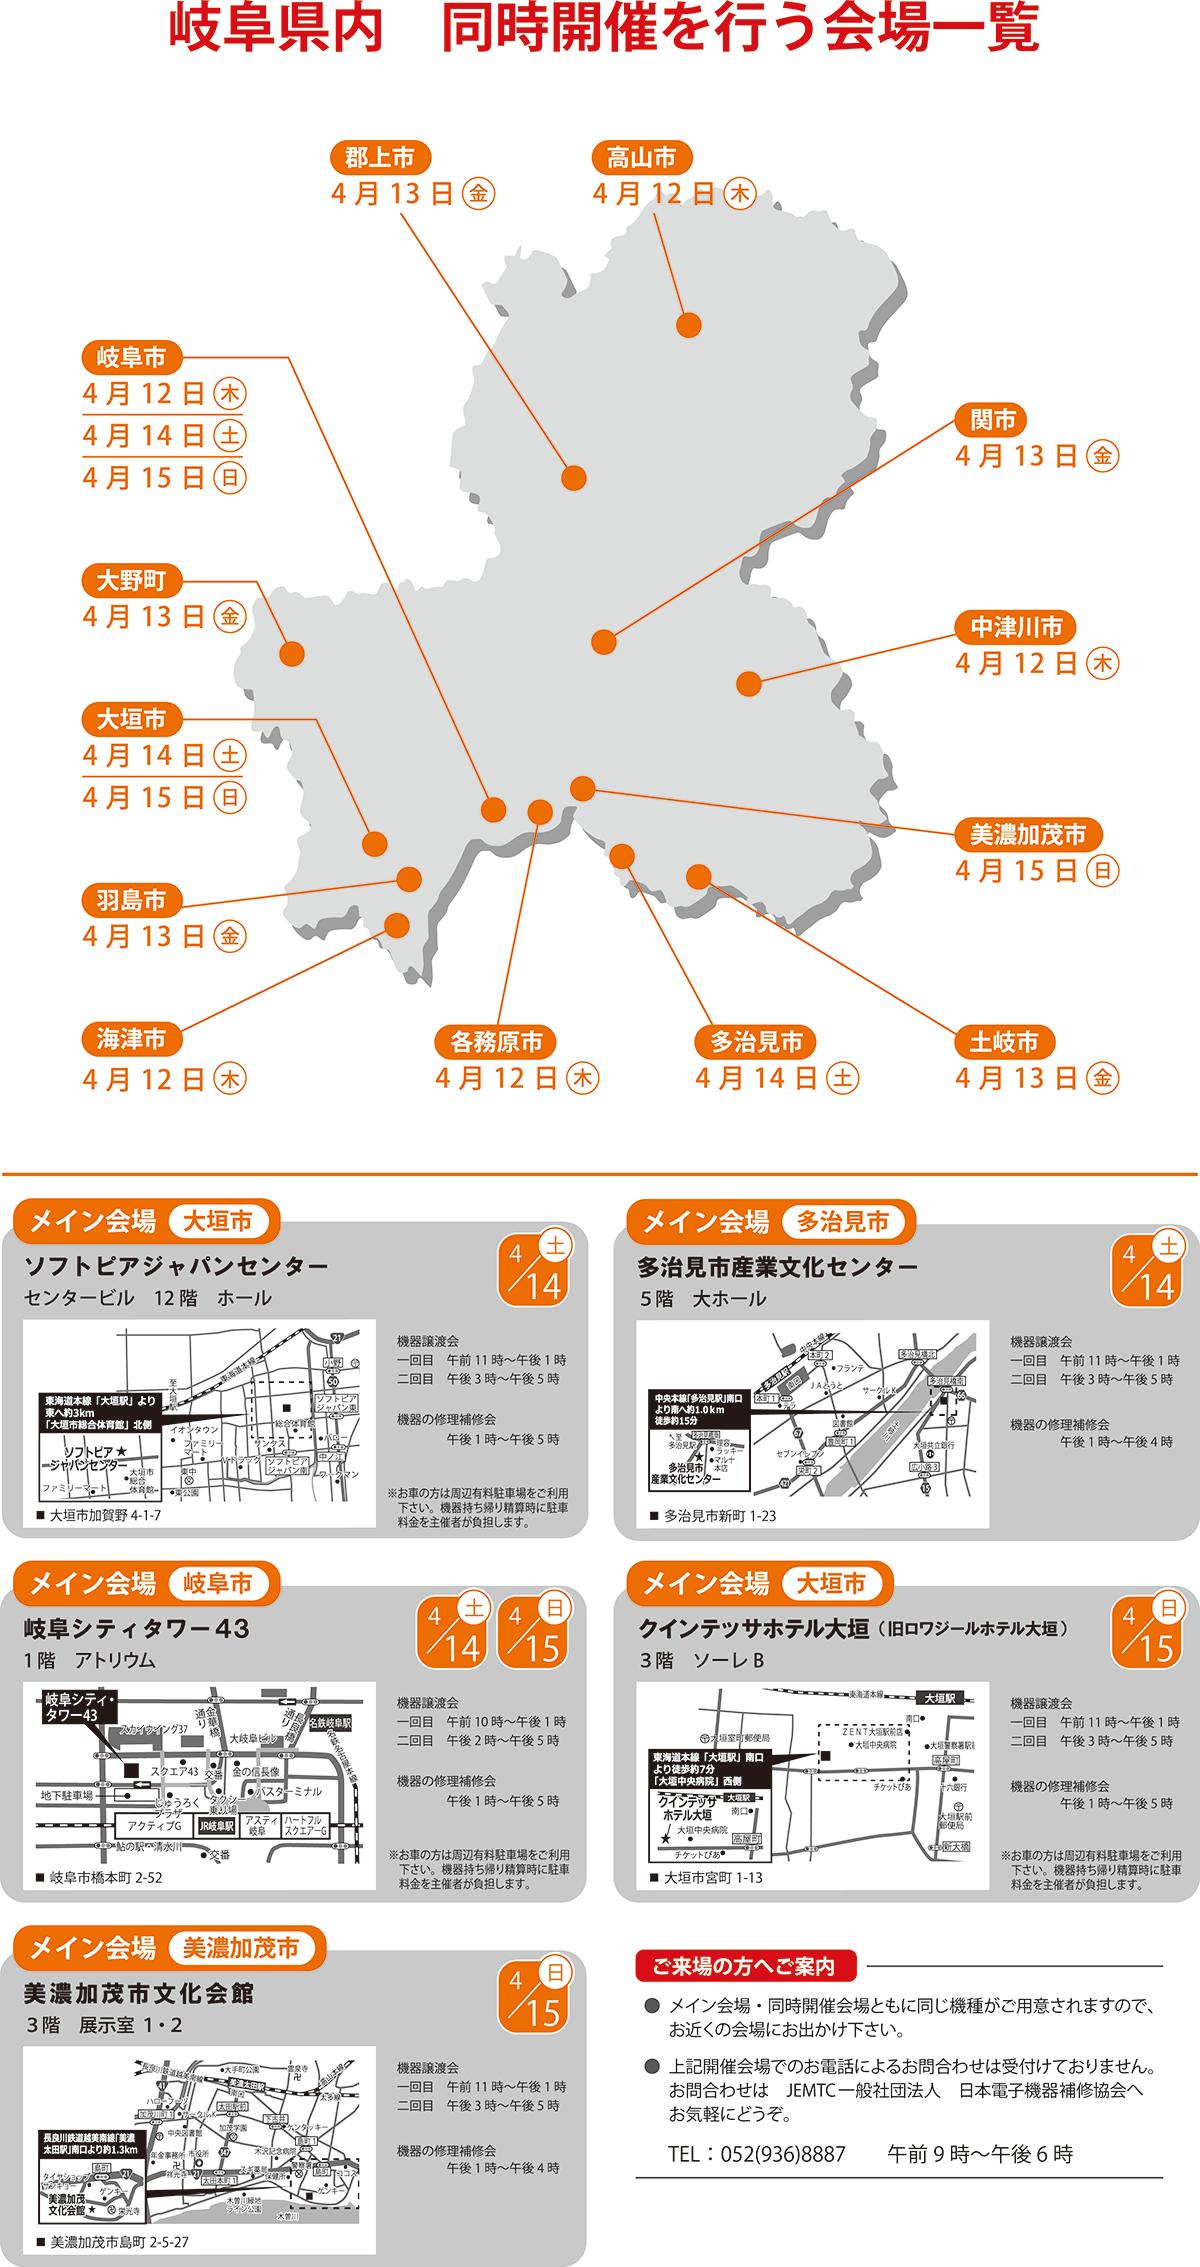 ジェムテクノートパソコン有償譲渡会in岐阜_他開催会場